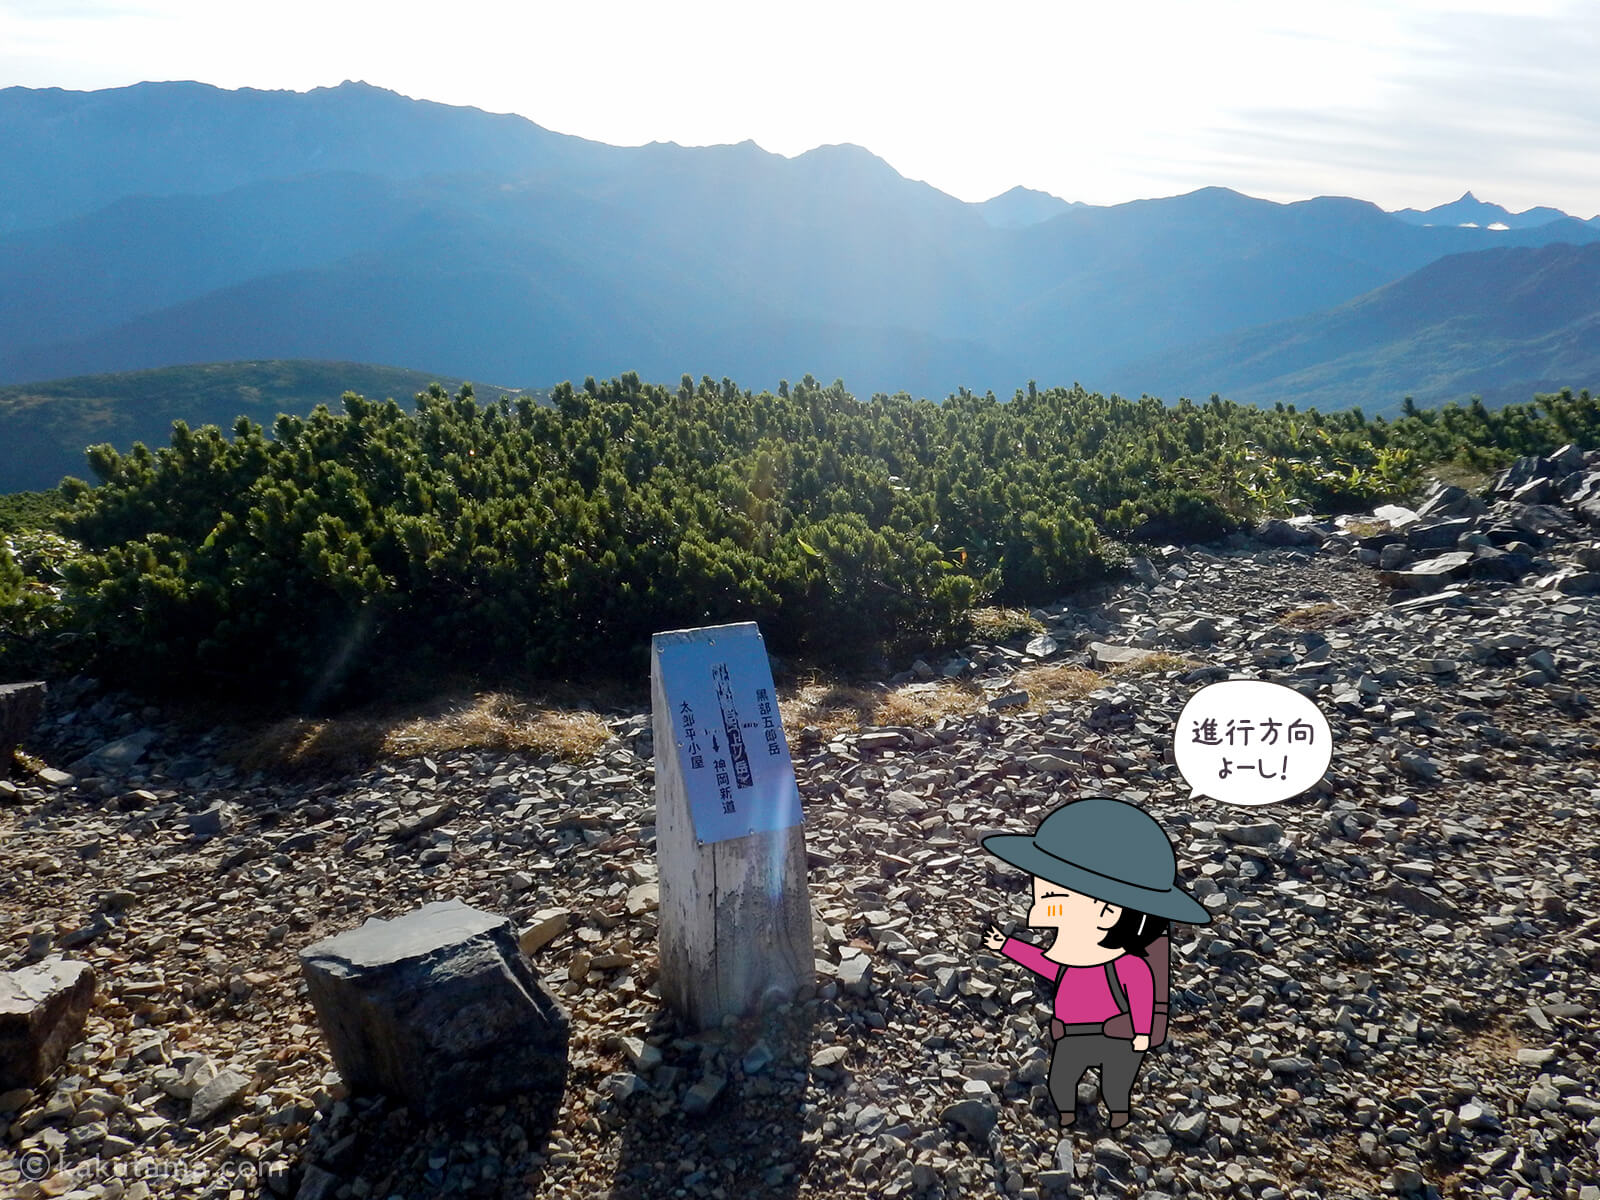 北ノ俣岳の標識